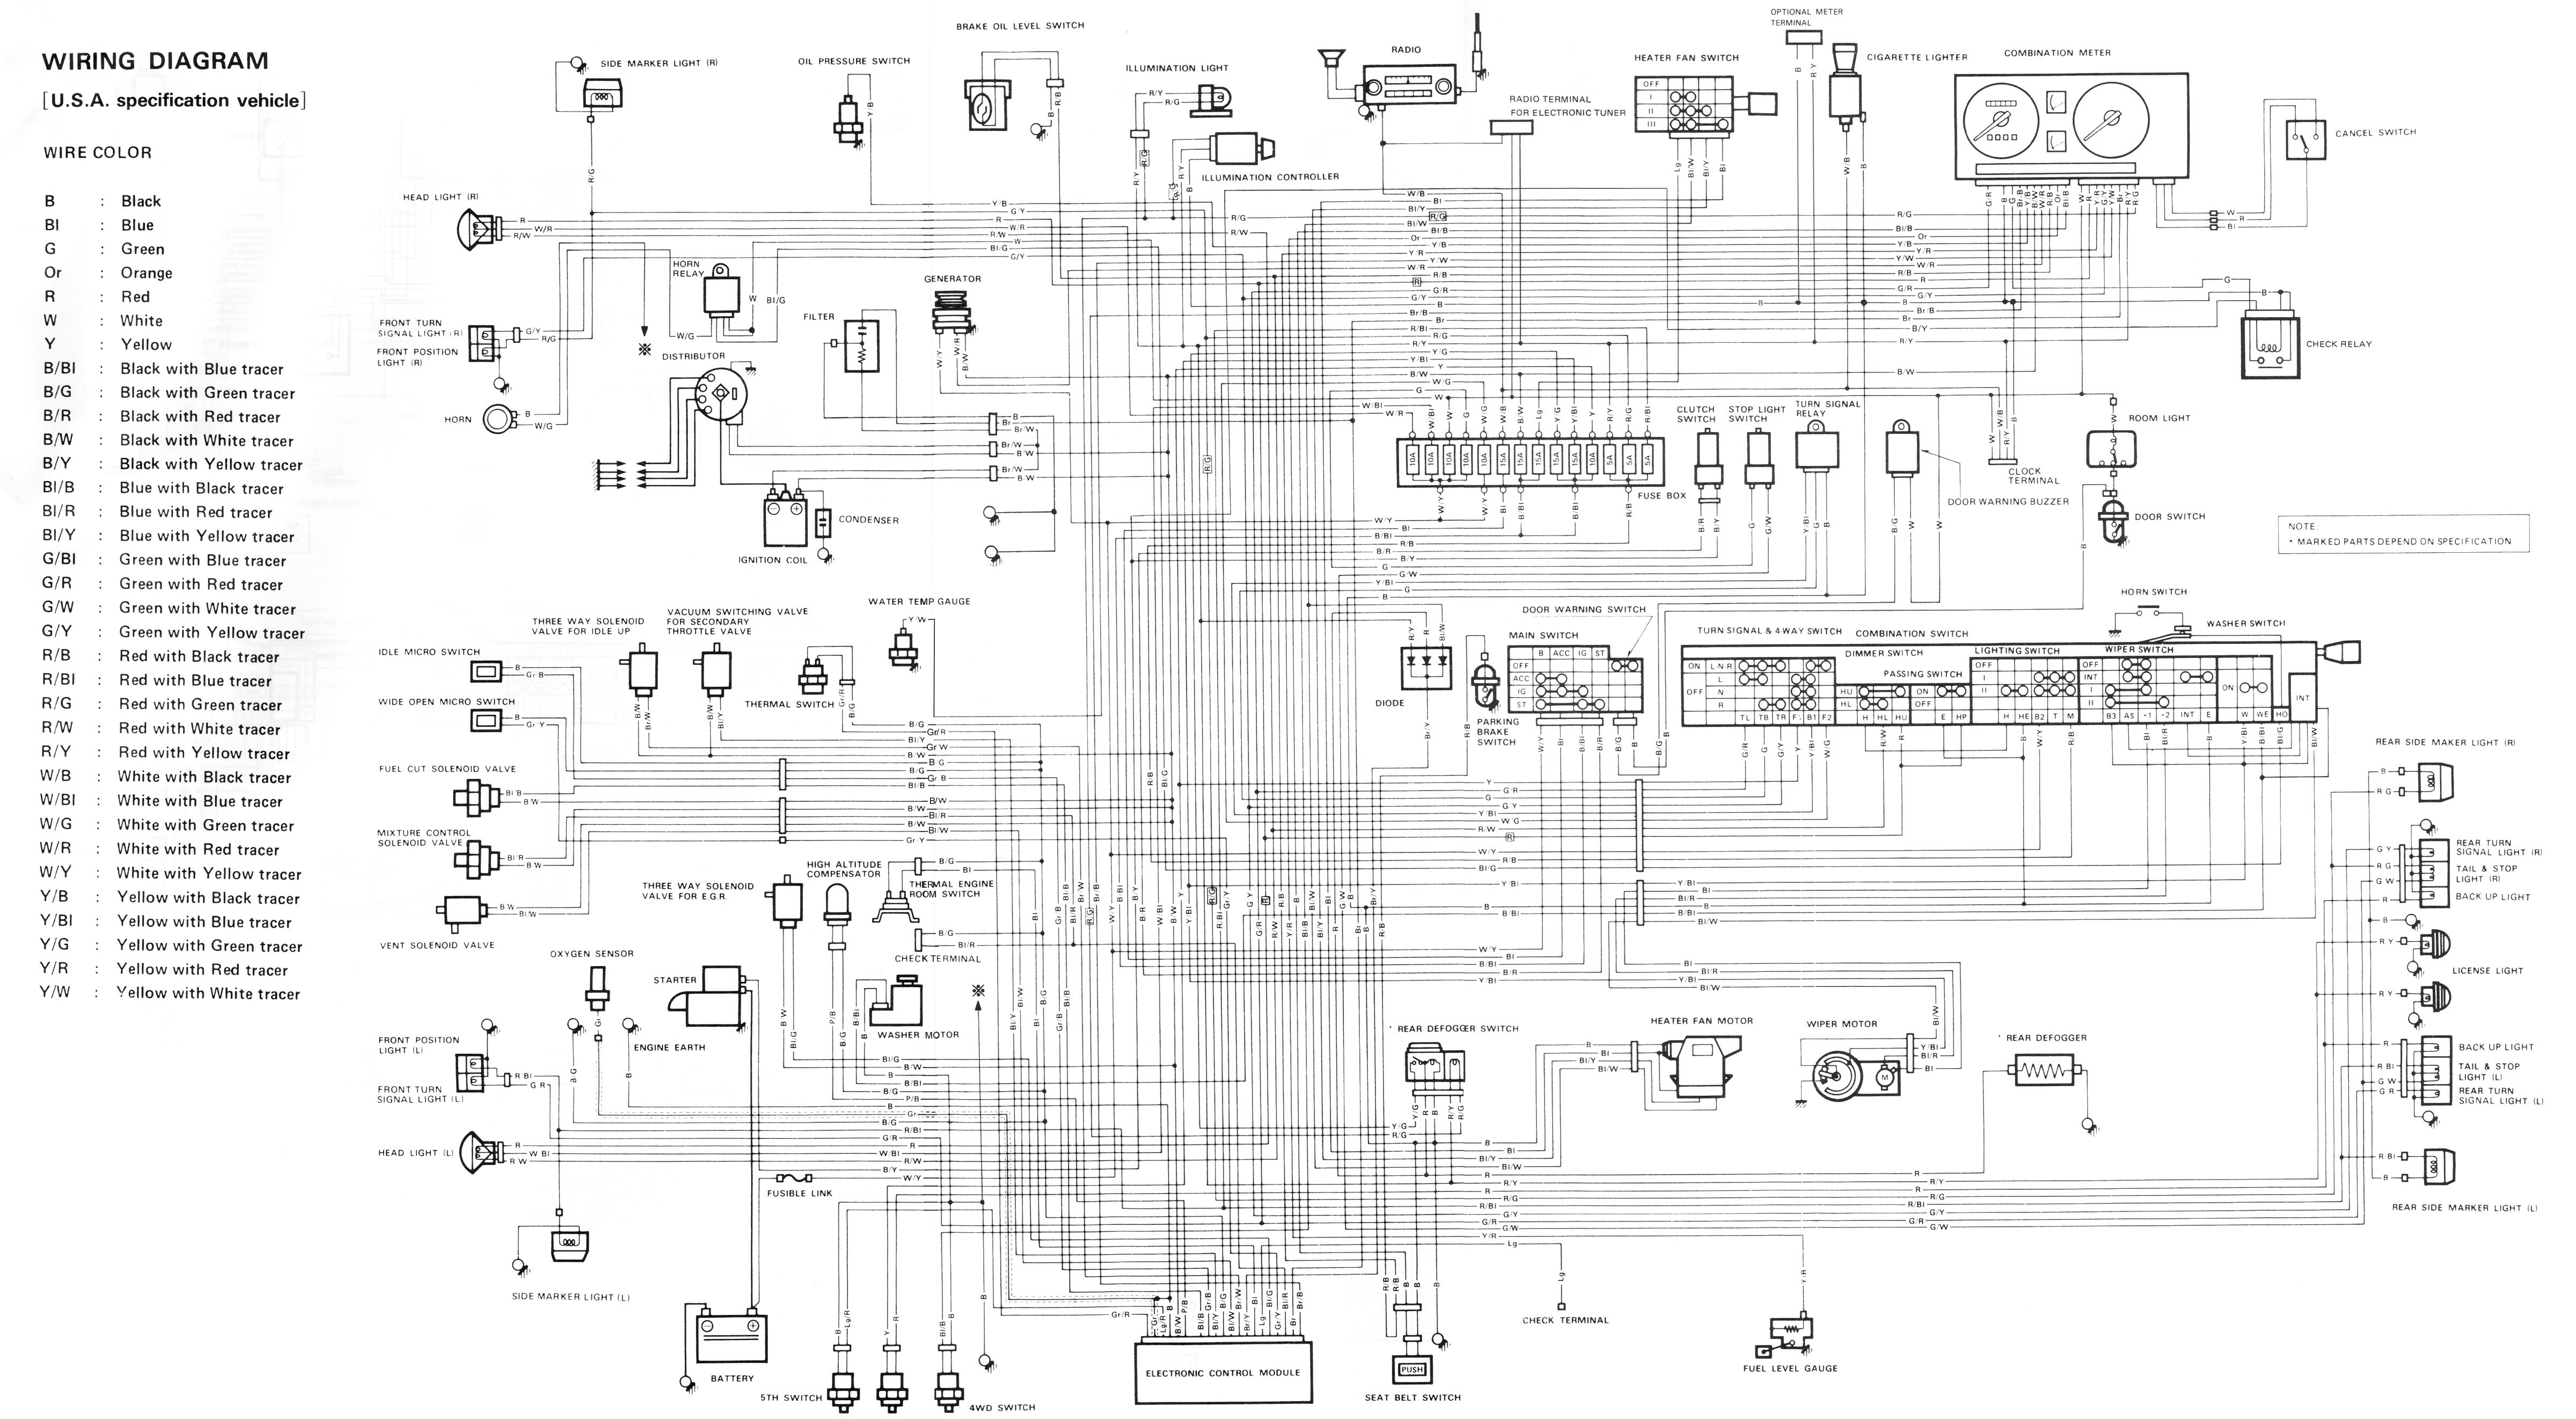 suzuki swift wiring diagrams data wiring diagrams rh 1 kortinghub nl suzuki swift wiring diagram 2005